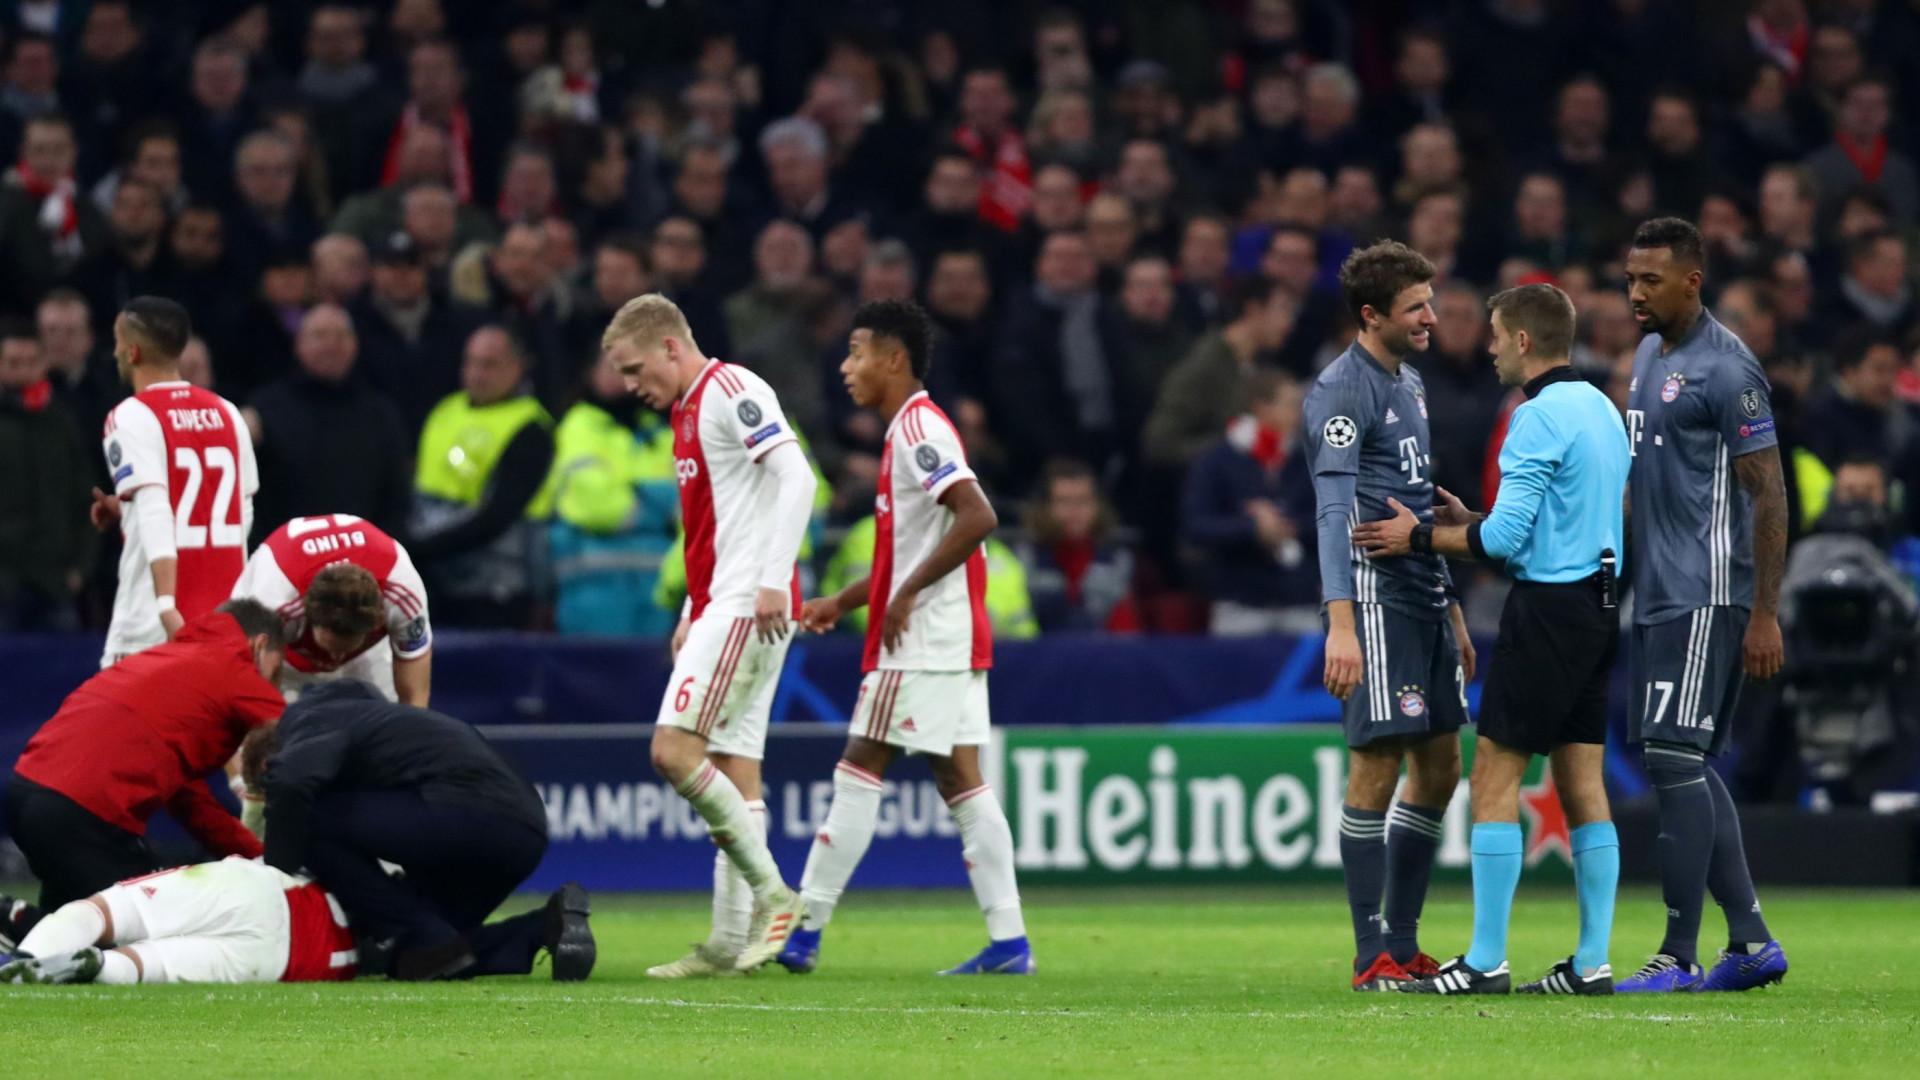 Lembra-se do golpe de karaté de Muller? UEFA aplica castigo de dois jogos